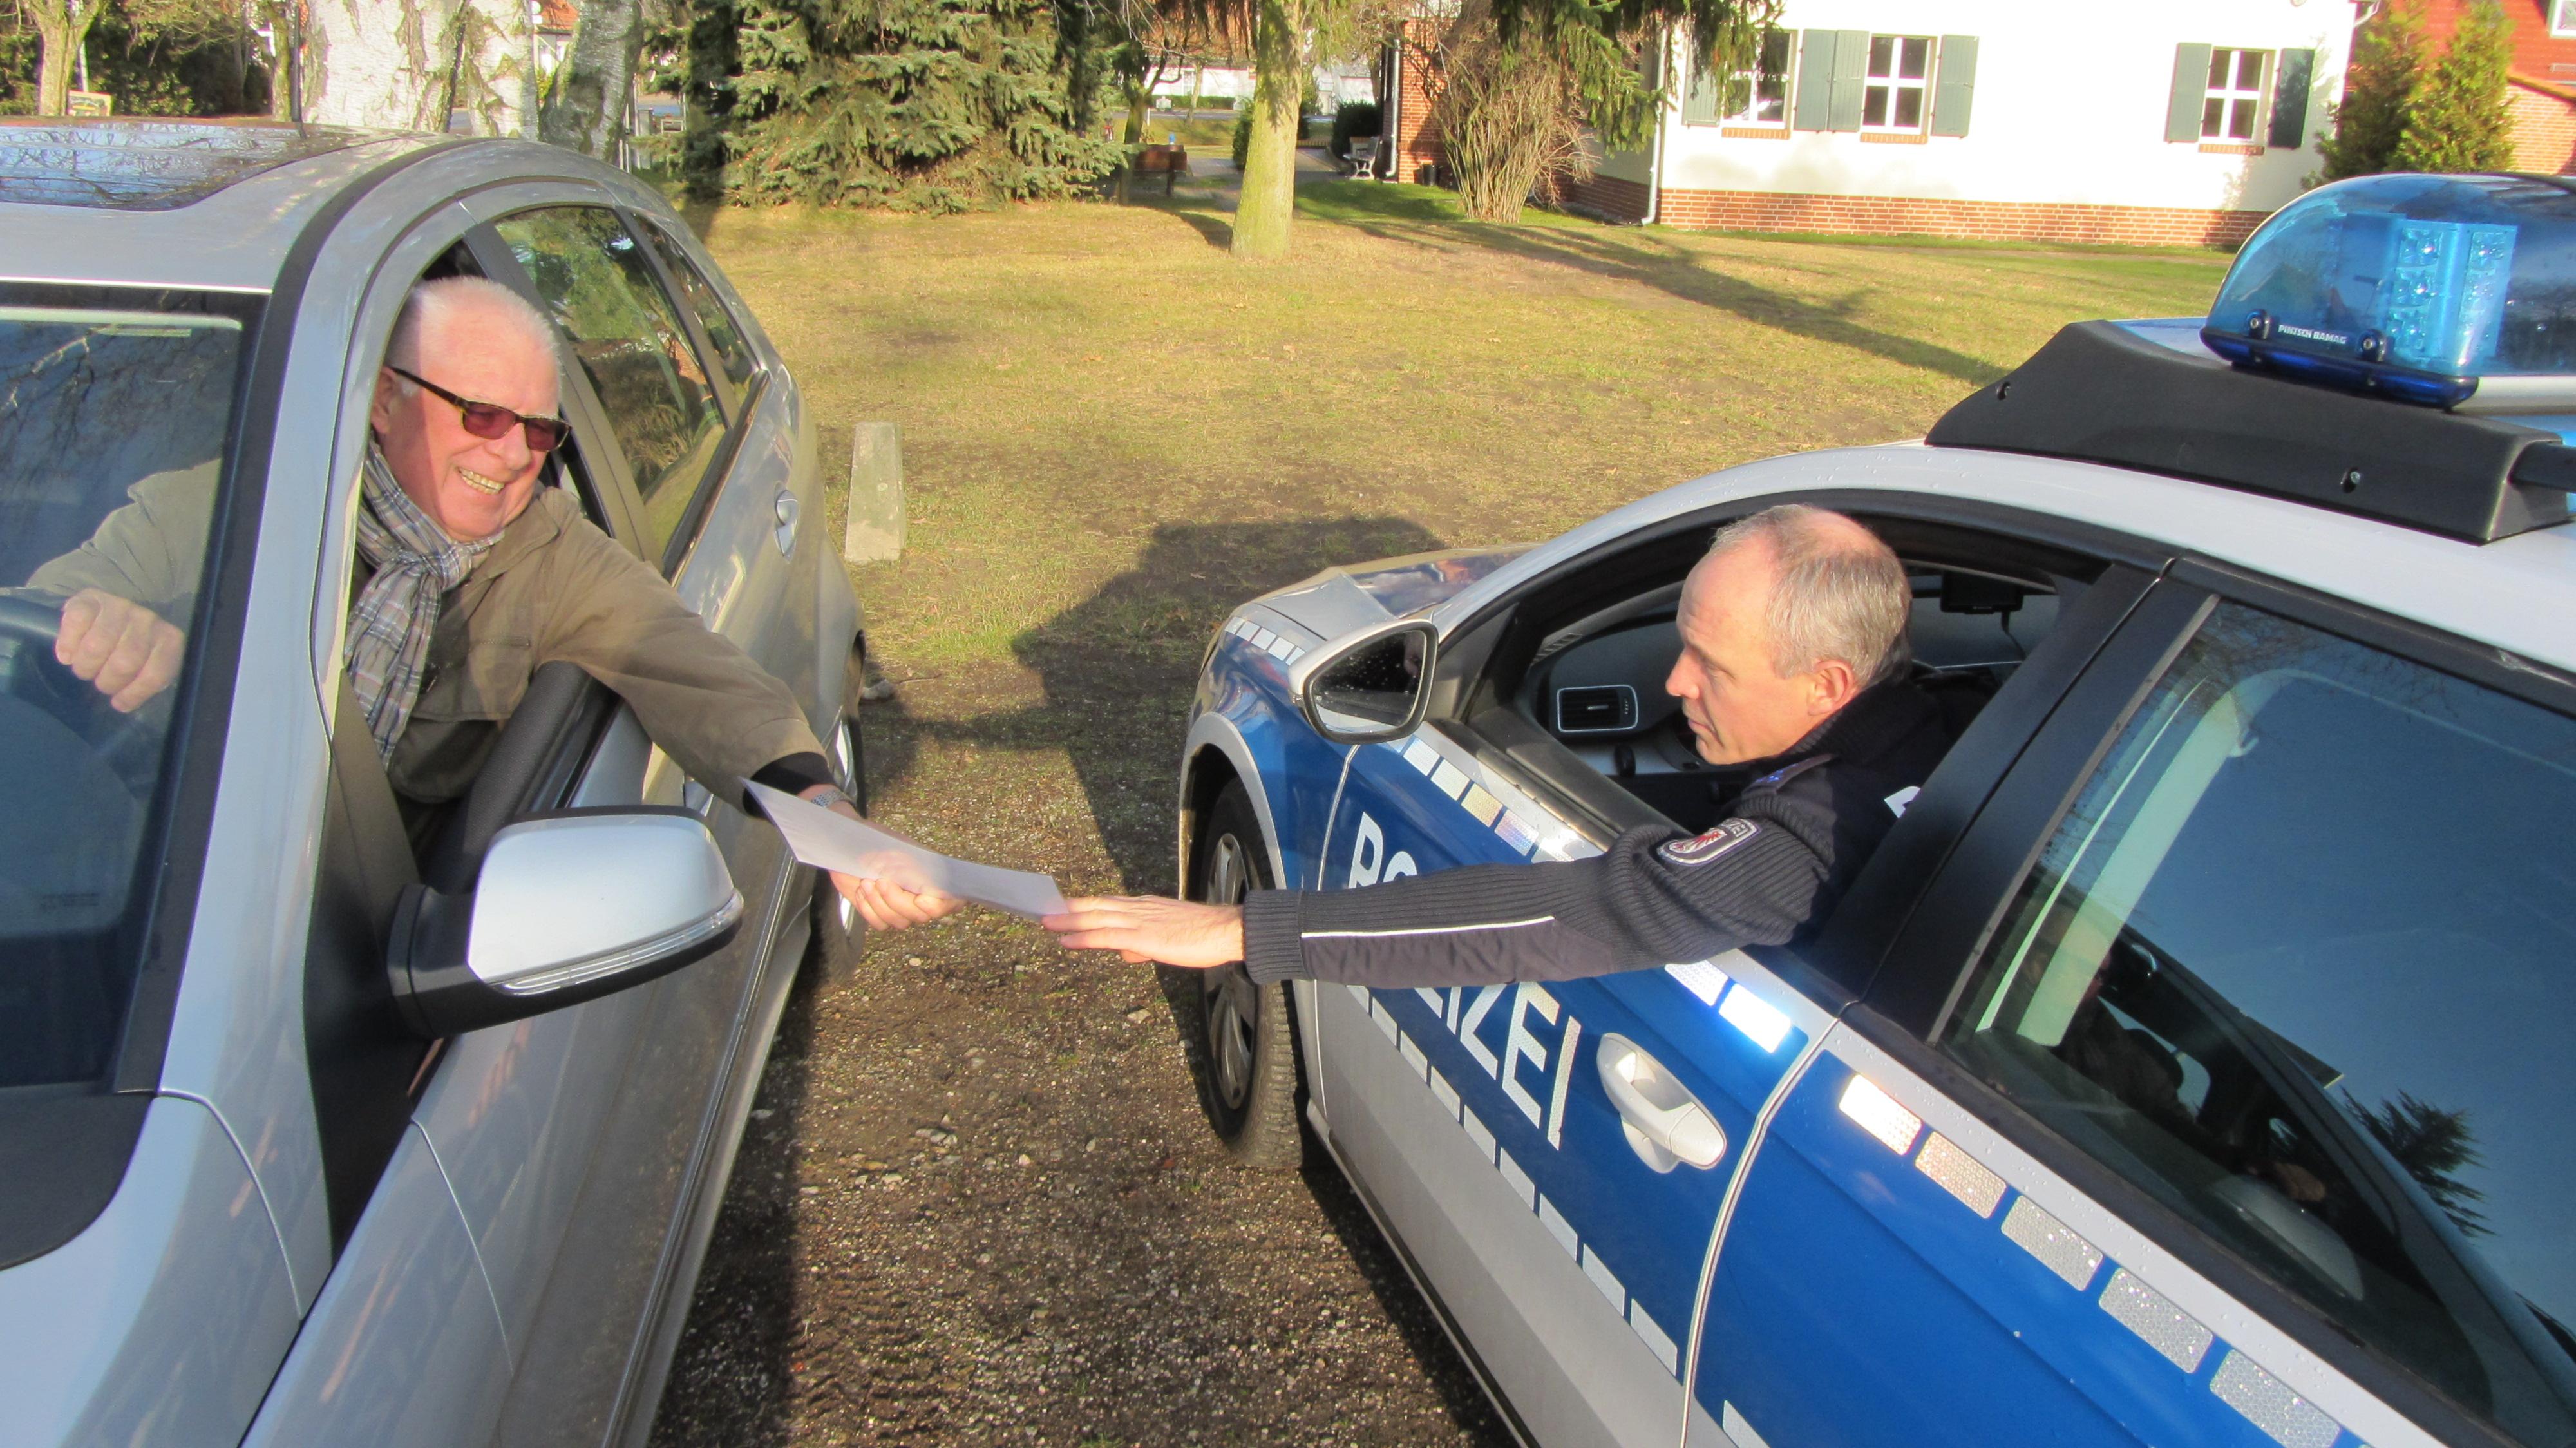 Sicherheitspartnerschaften könnten Einbrüche verringern